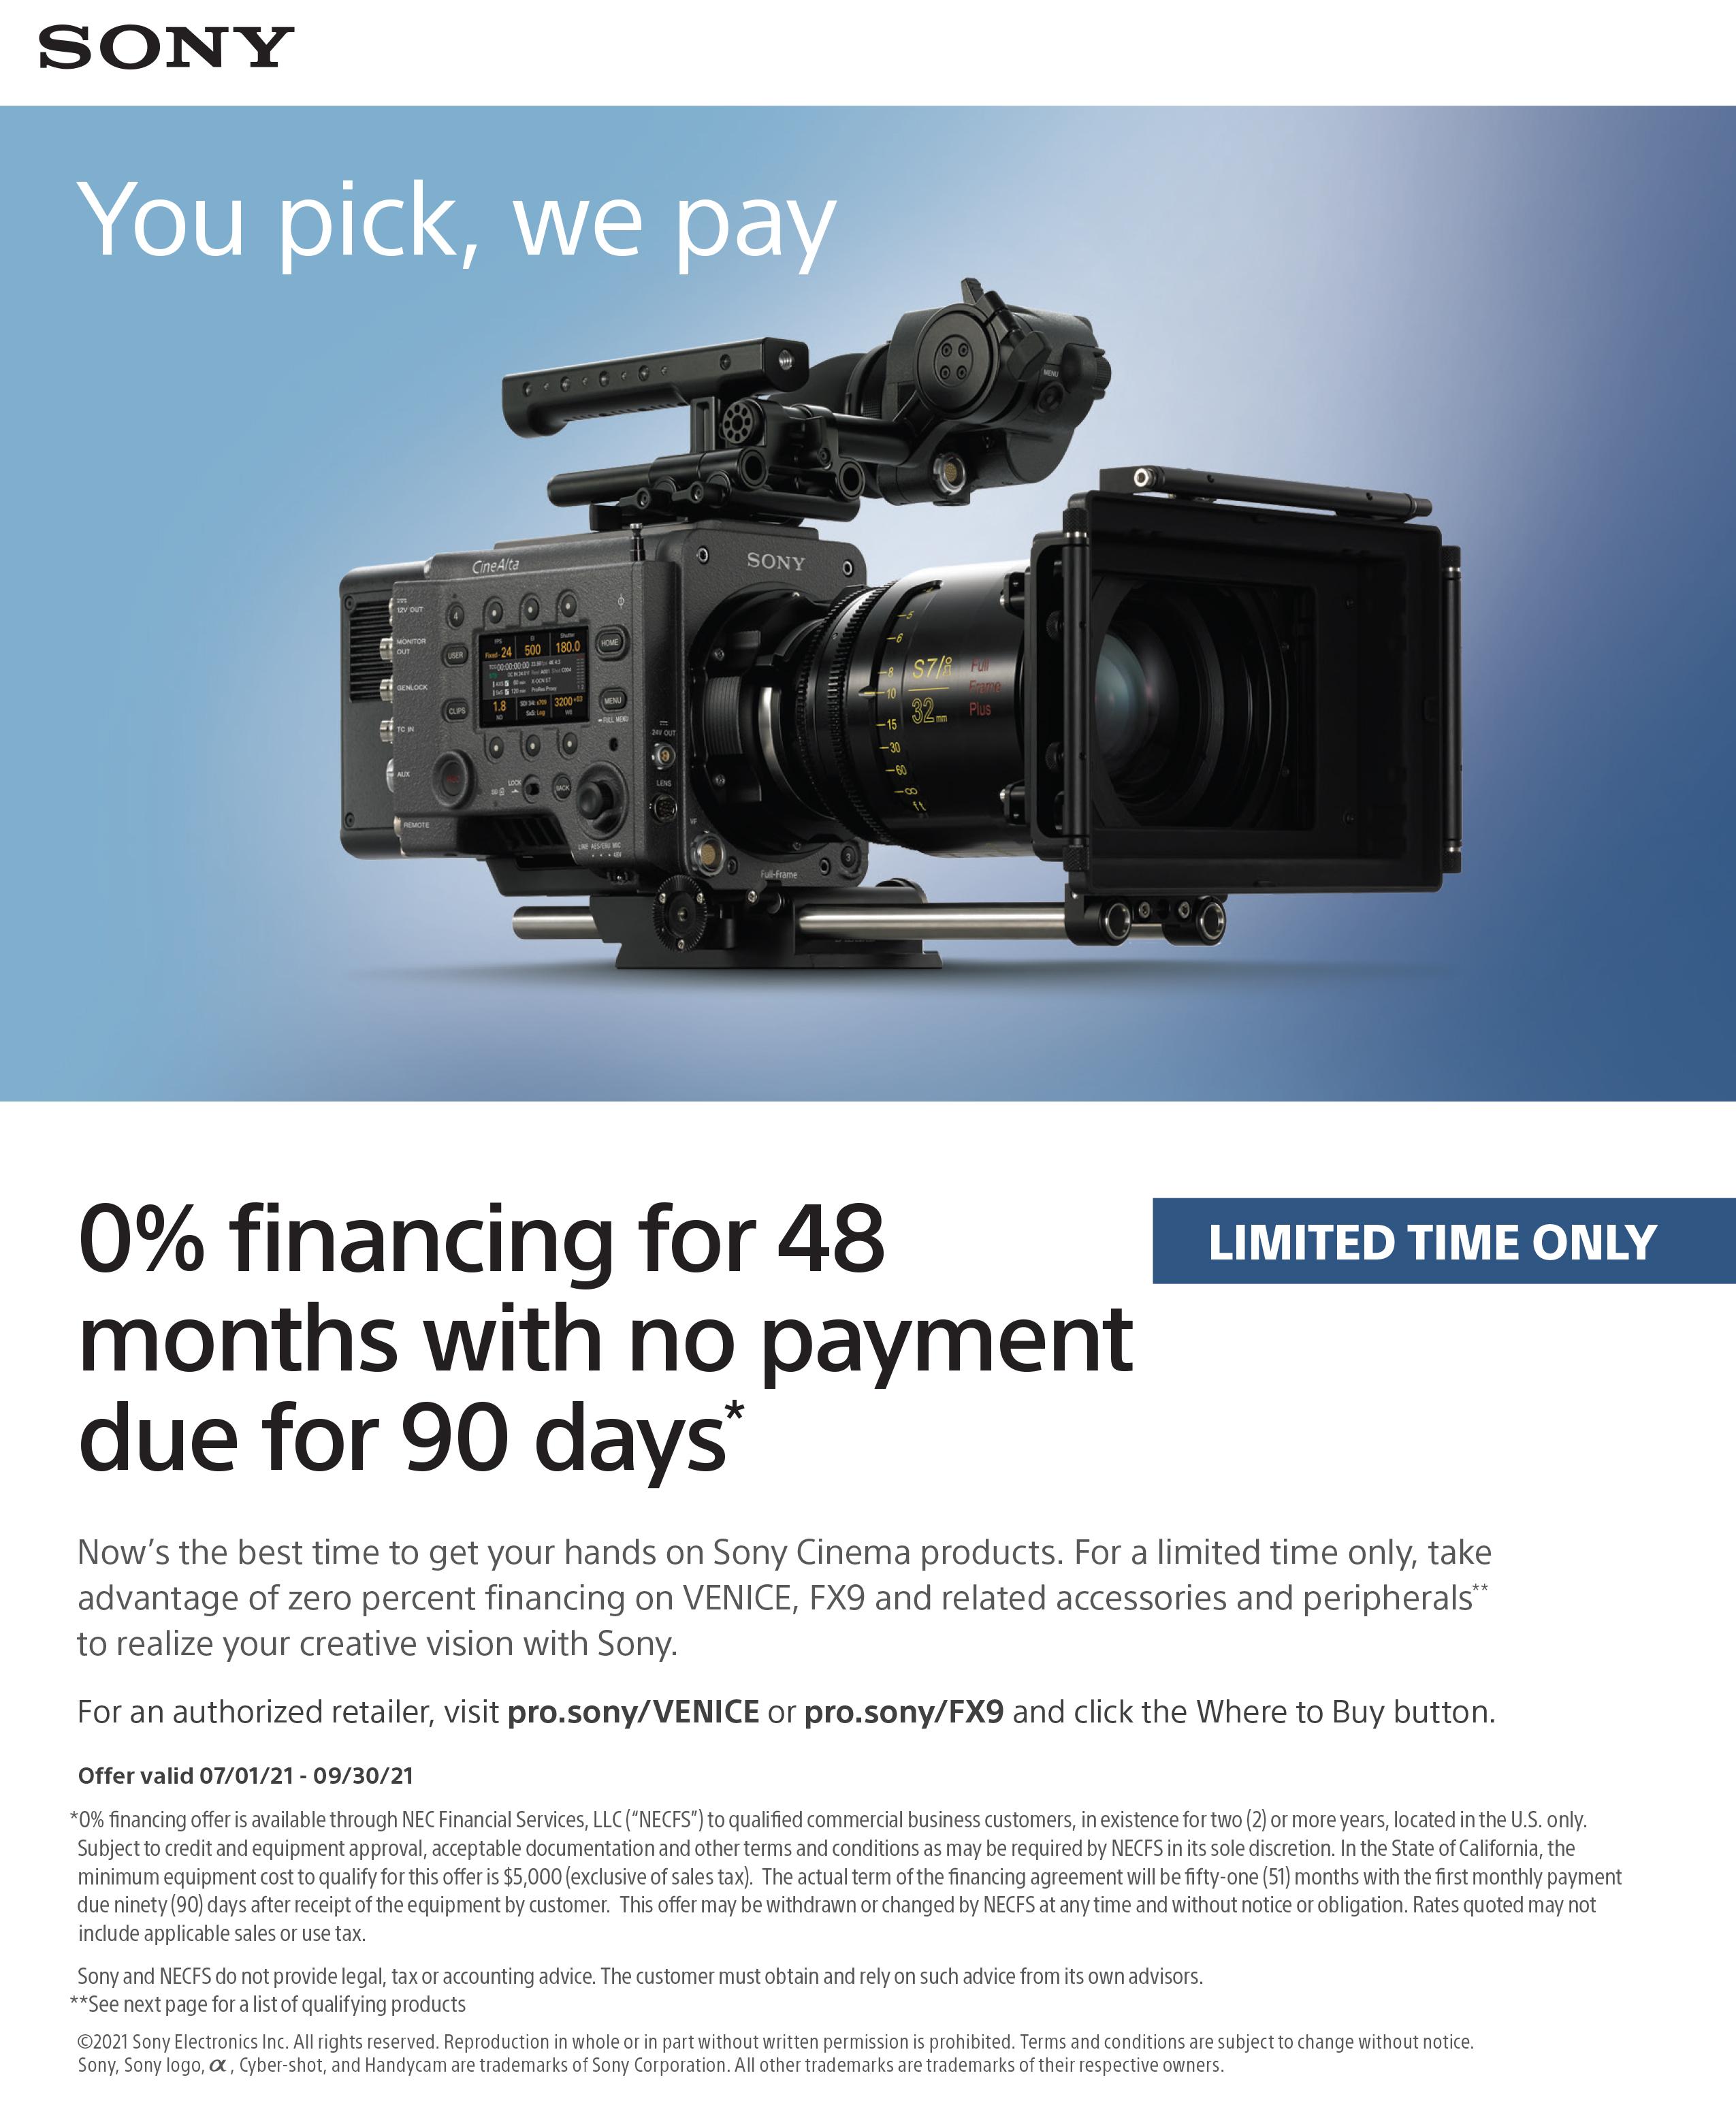 210622-pro-cam-48months-financing-v3.jpg